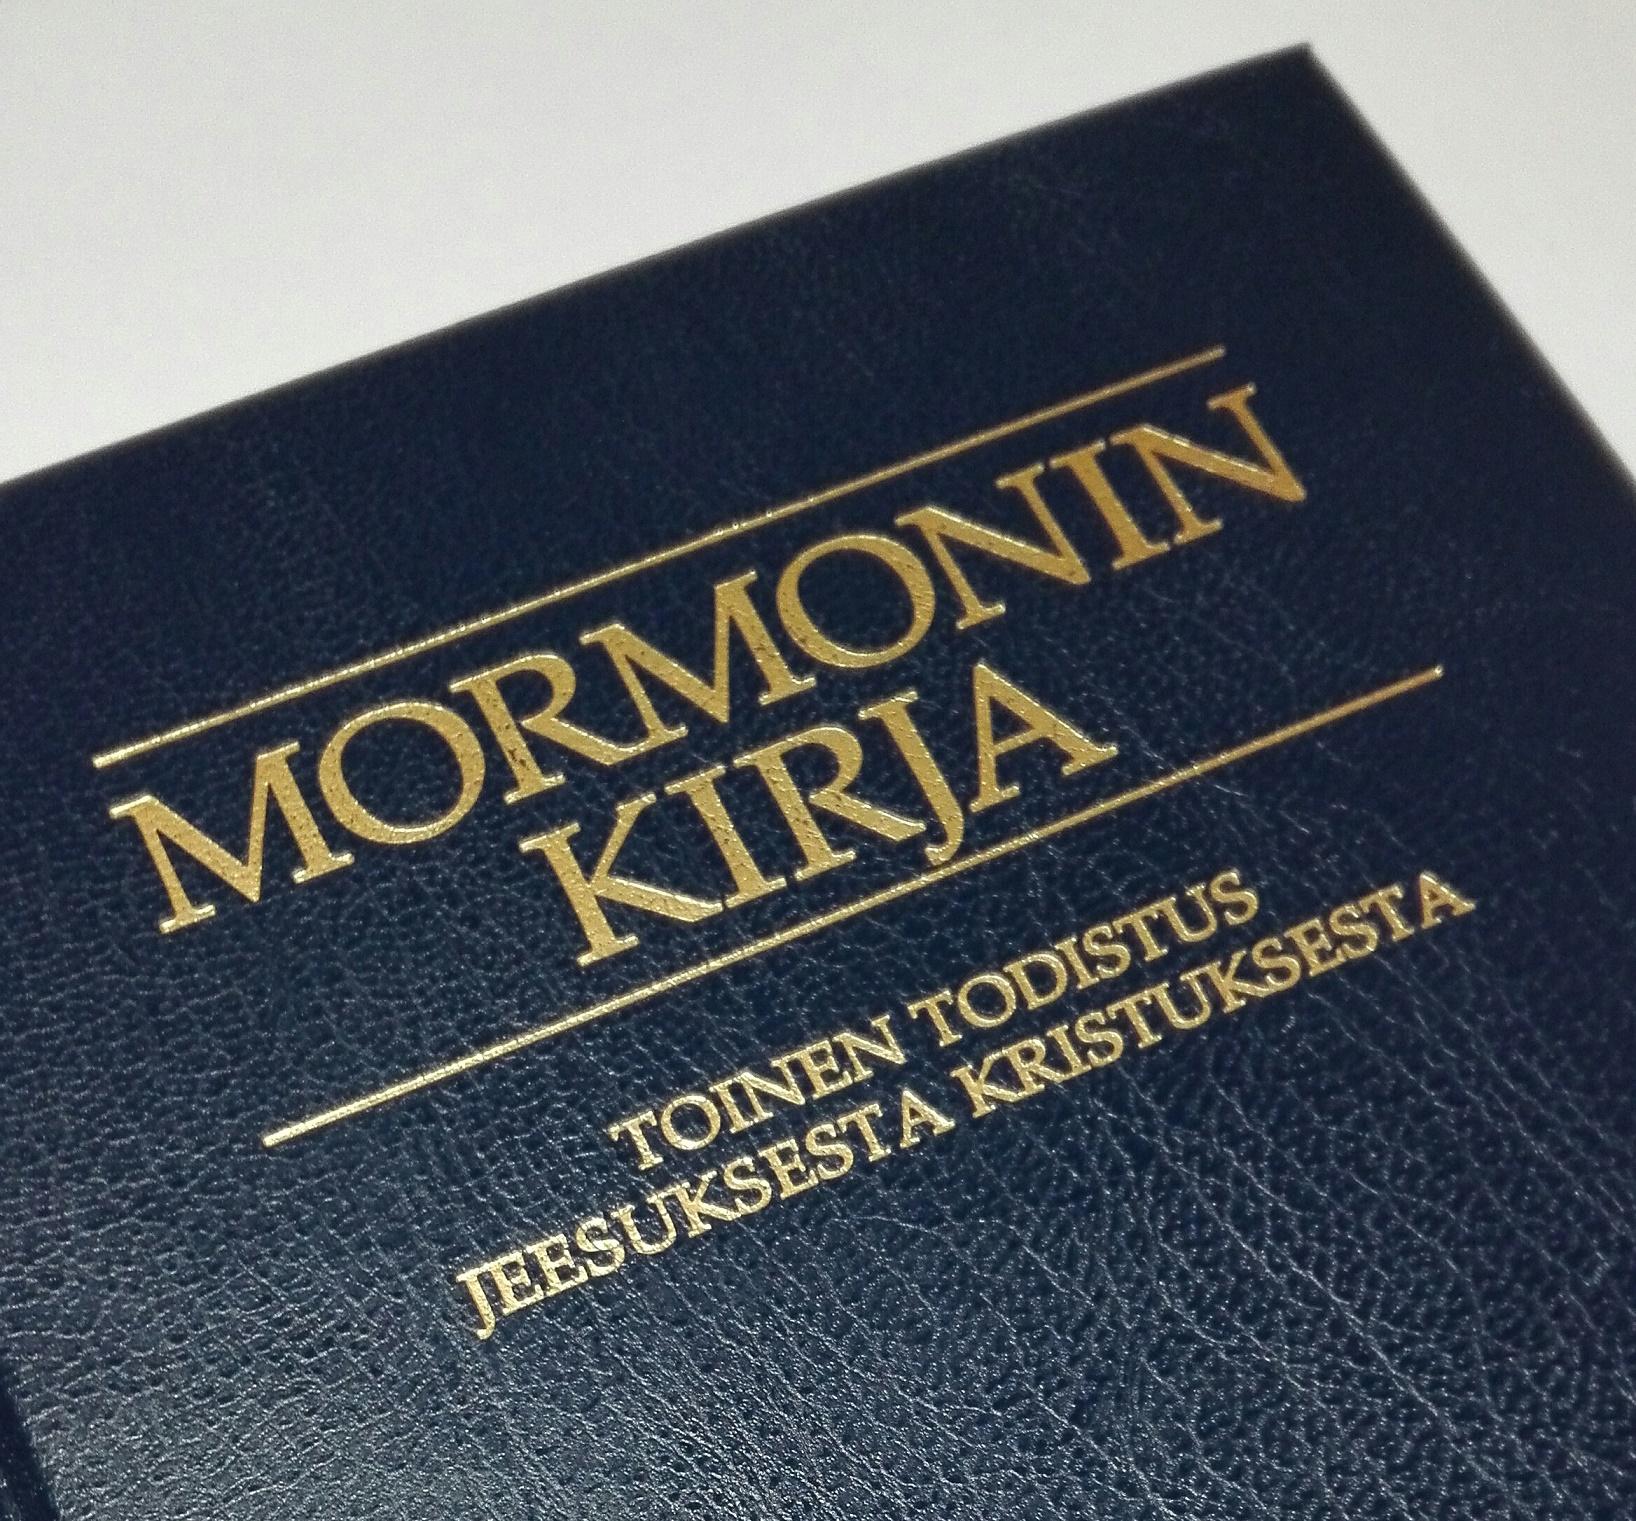 Kun juutalainen lukee Mormonin kirjan